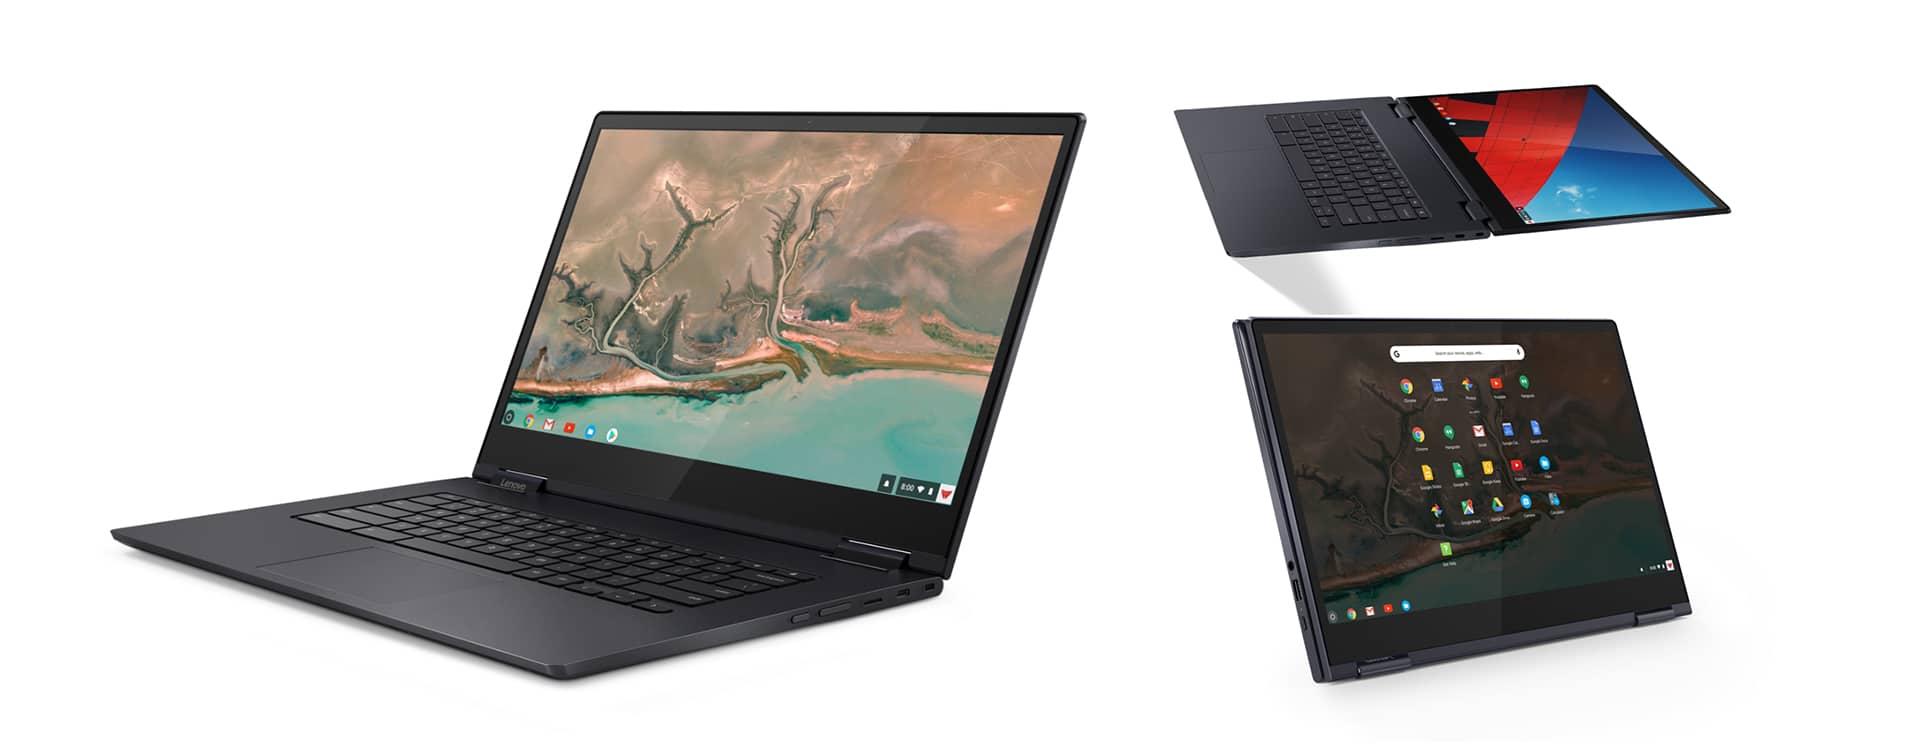 The 15-inch Yoga Chromebook